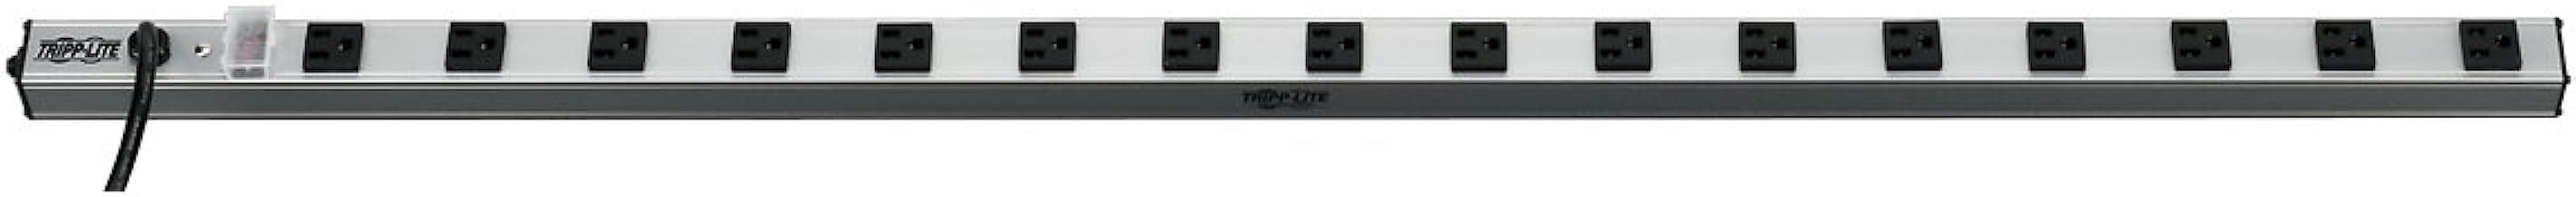 نوار خروجی و کابینت Tripp Lite 16 ، طول 48 اینچ ، کابل 15ft با پلاگین 5-15P ، (PS4816)